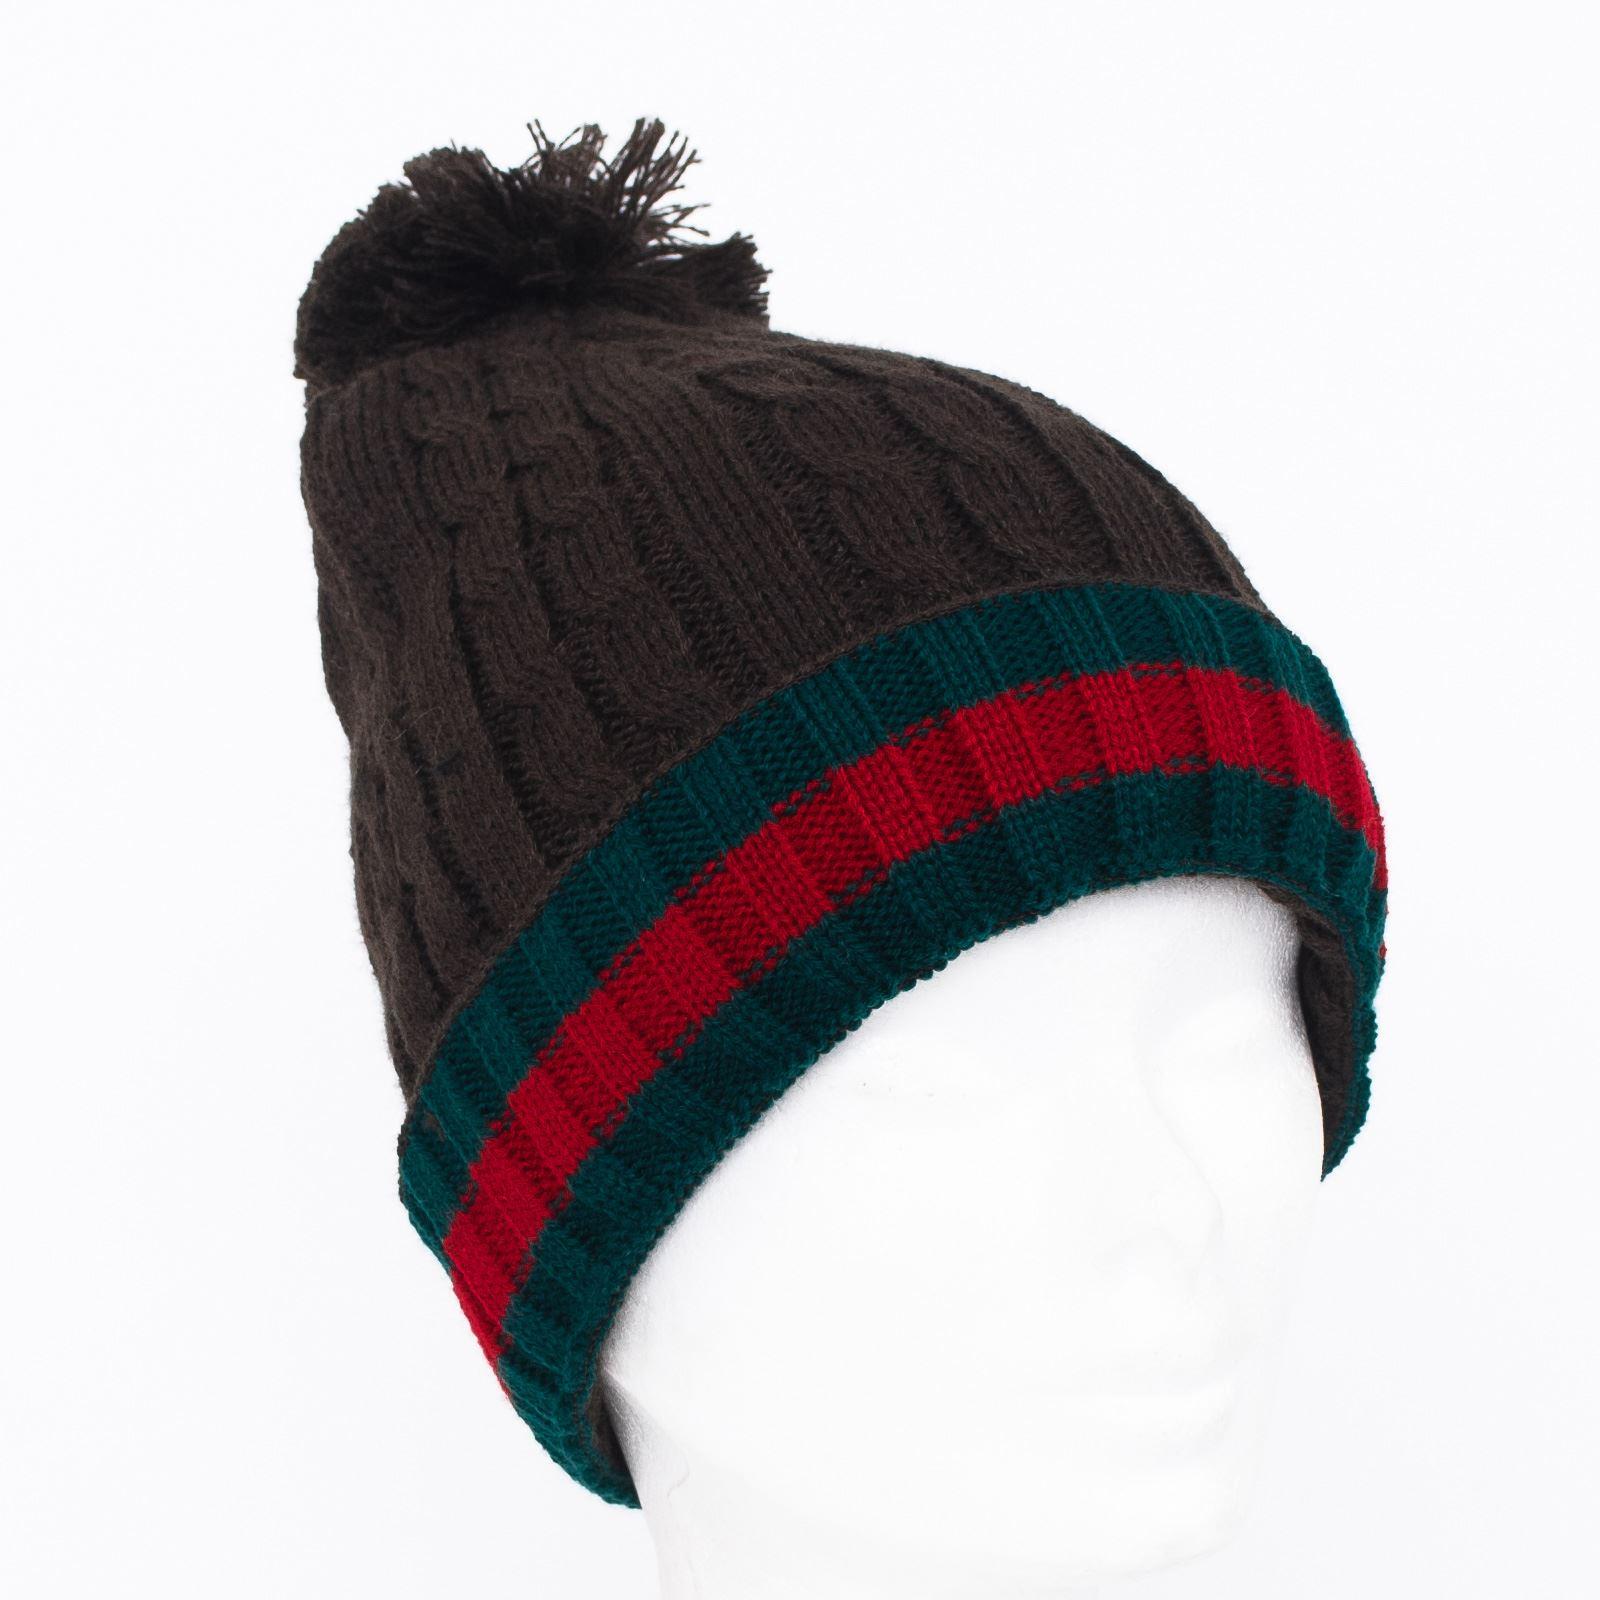 Knitting Pattern Ski Hat : Stripe Pattern Unisex Knitted Pom Pom Ski Hat eBay